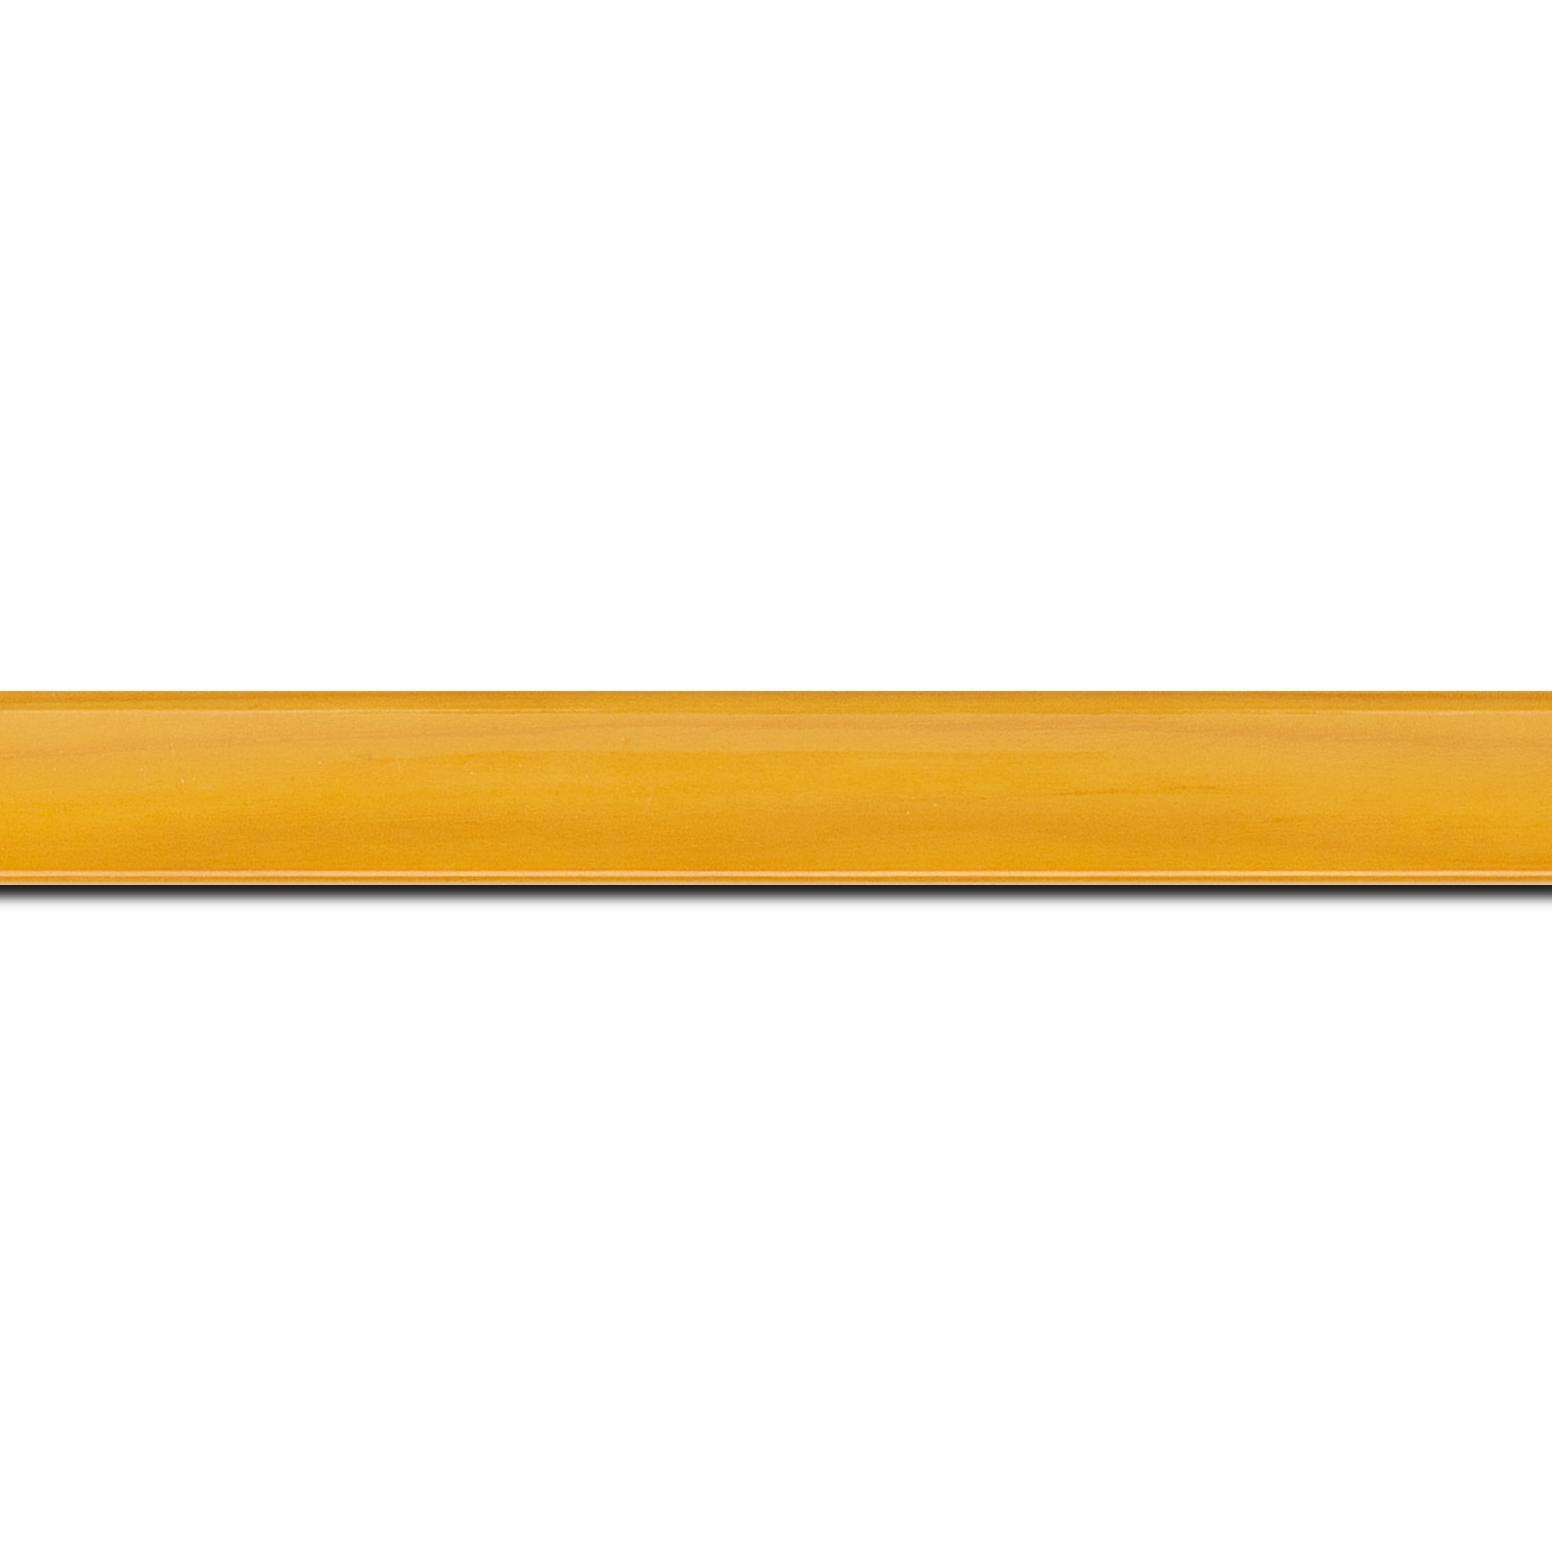 Pack par 12m, bois profil arrondi plongeant largeur 2cm couleur jaune vernis sur pin (veine du bois apparent) (longueur baguette pouvant varier entre 2.40m et 3m selon arrivage des bois)